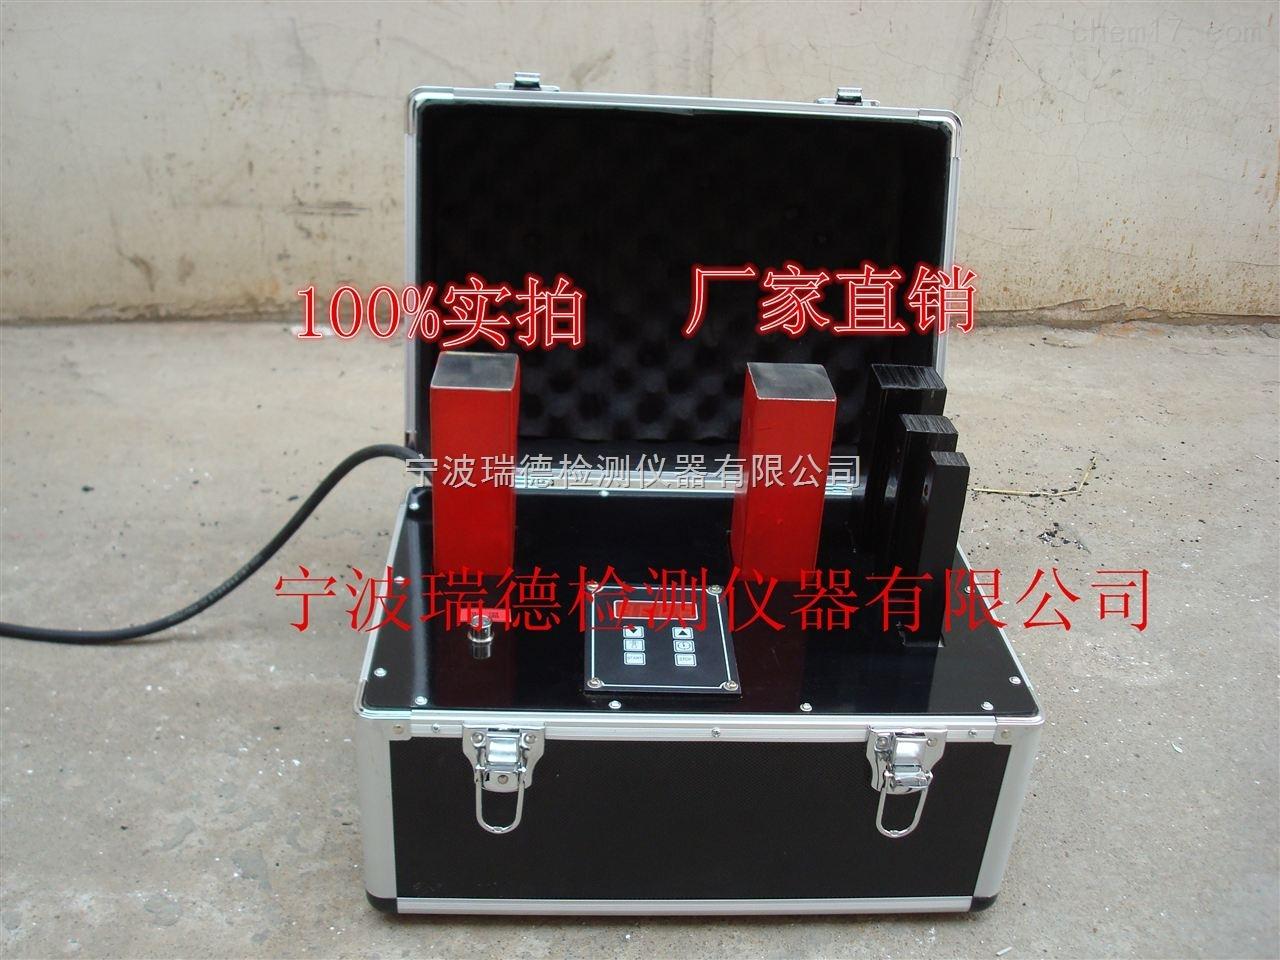 DM10-20瑞德DM10-20軸承加熱器 * 高品質 現貨 江蘇 上海 天津 河南  河北